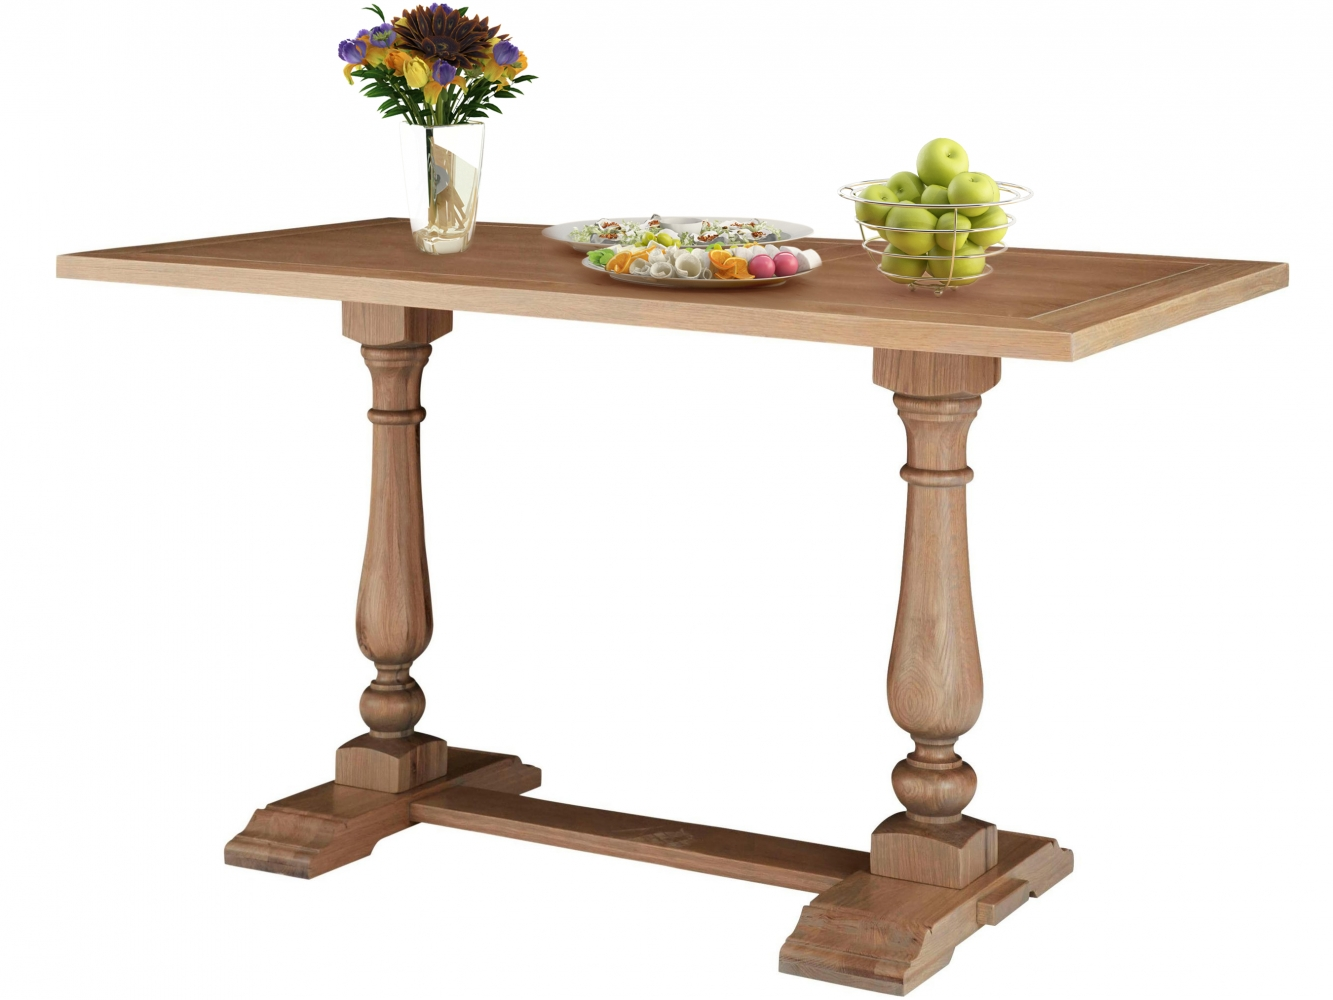 Jídelní stůl Hero, 160 cm, dub